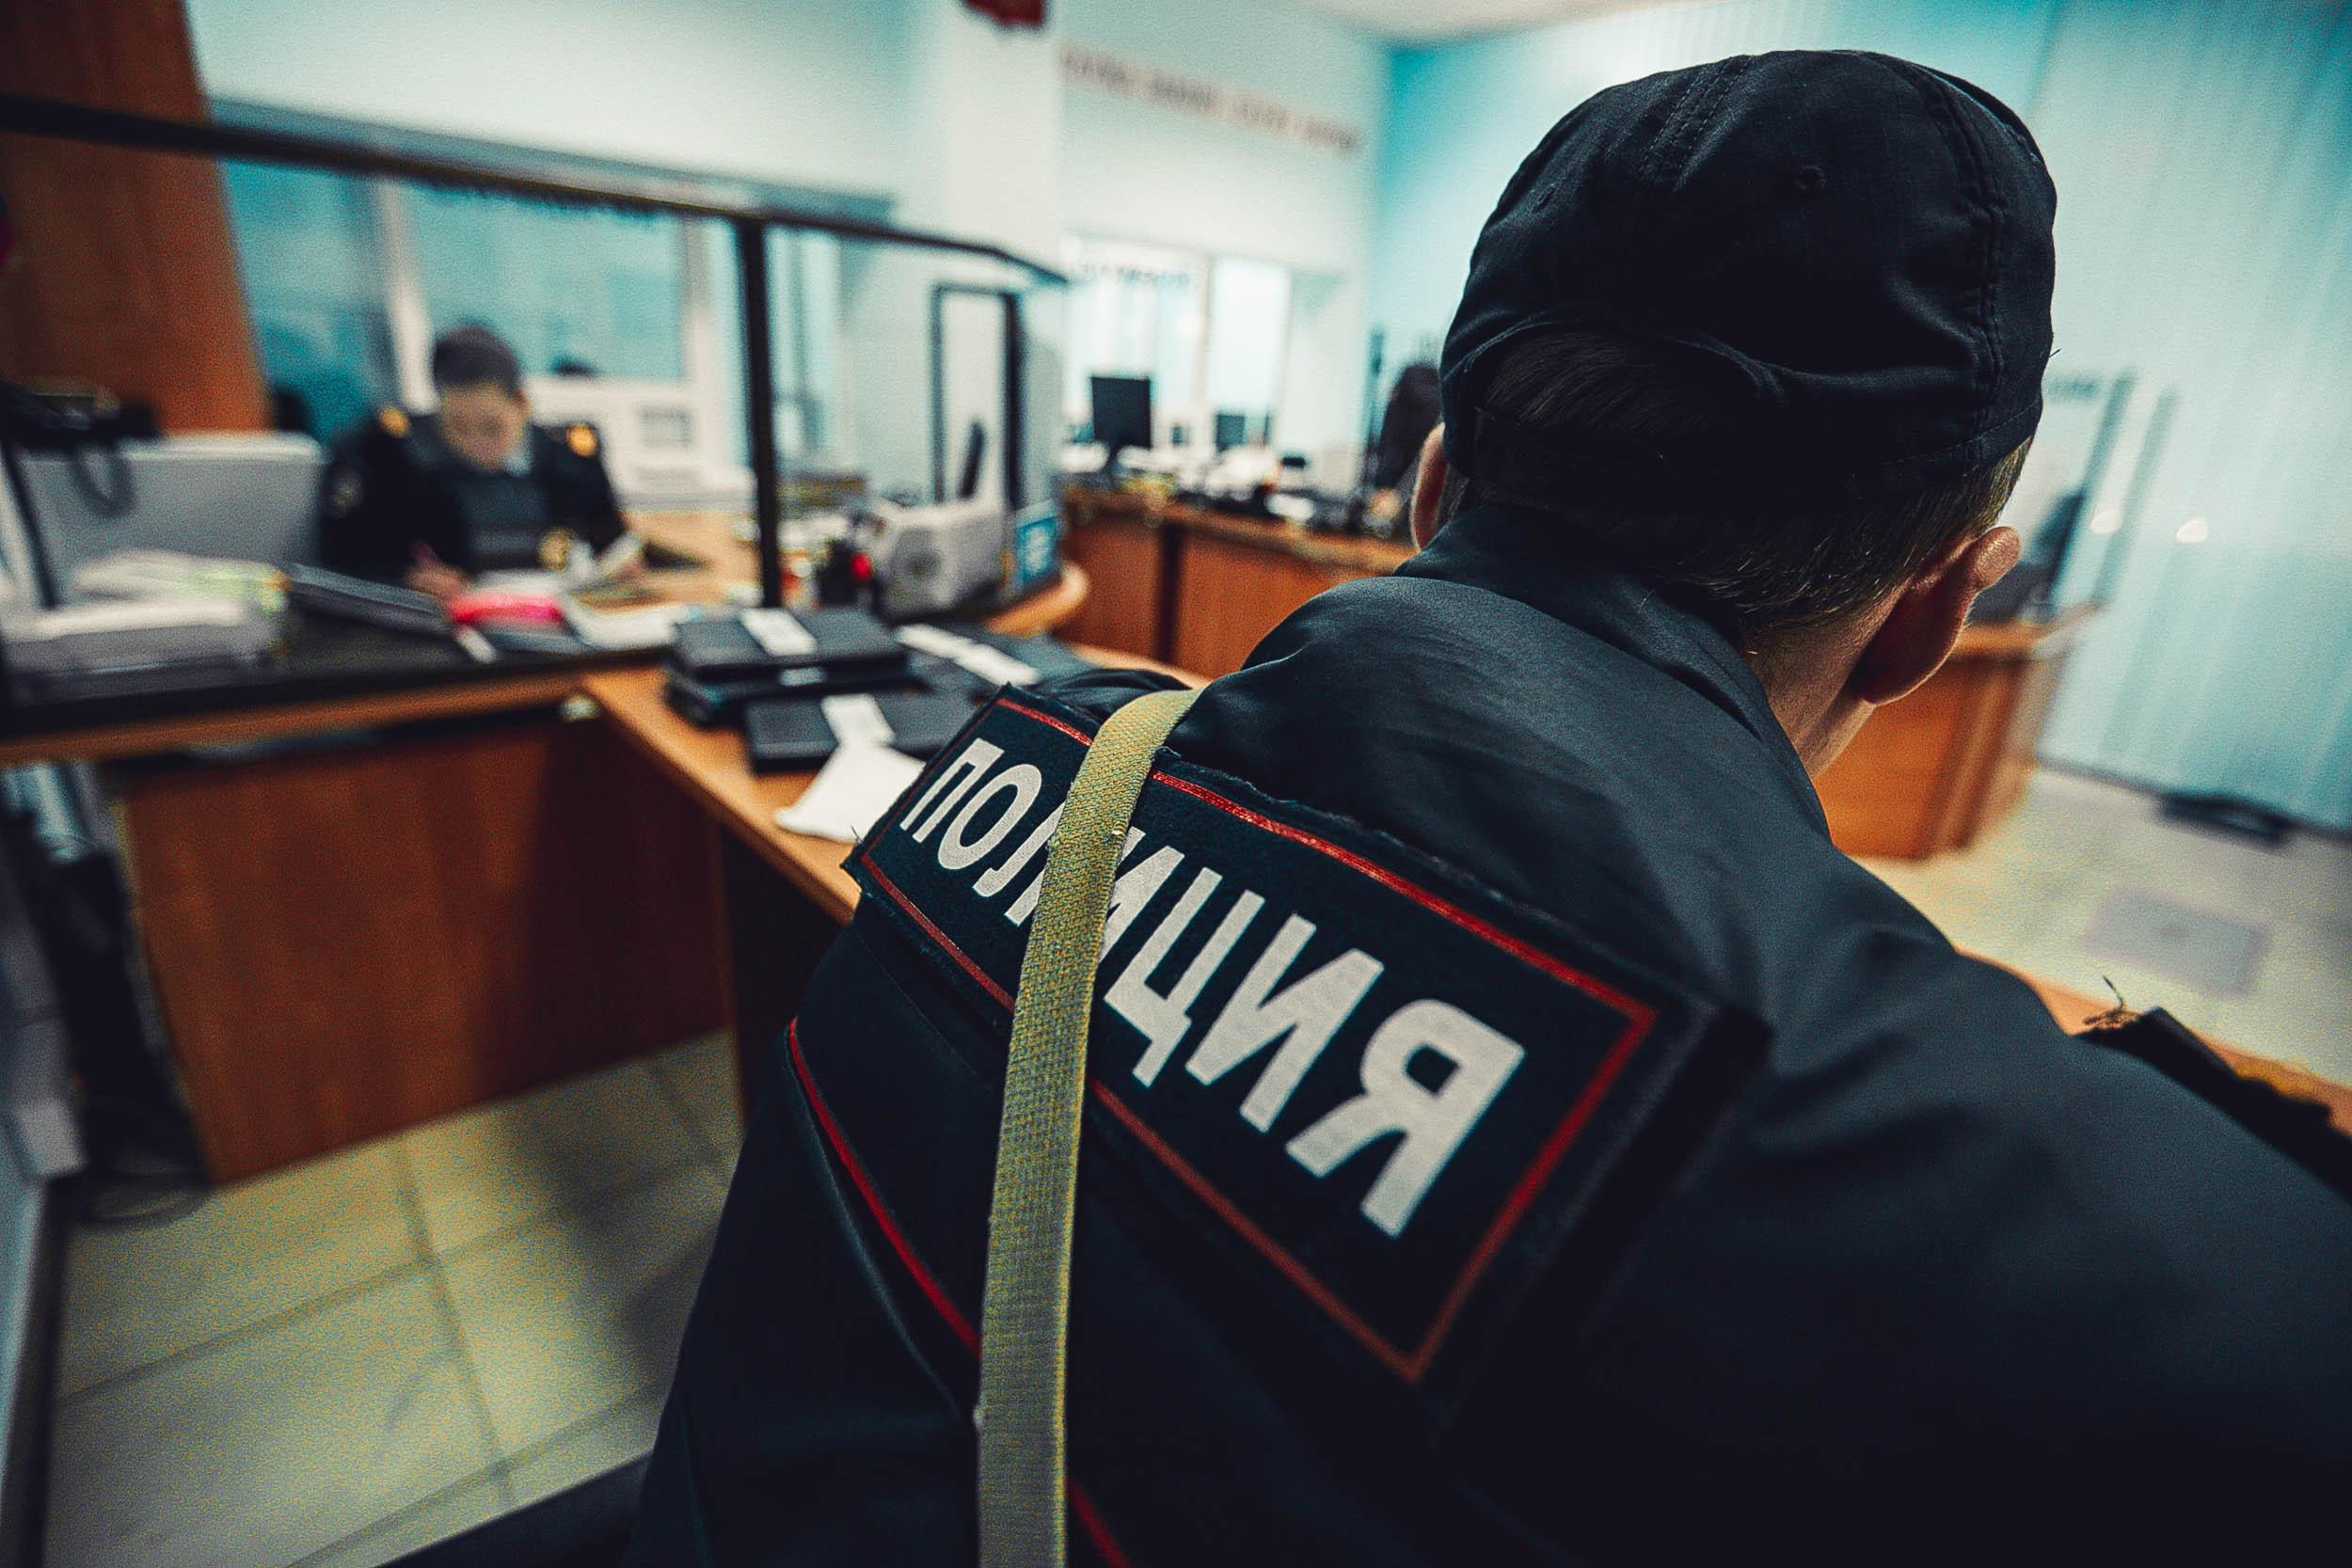 В Петербурге врачи скорой набросились на полицейских с электрошокером